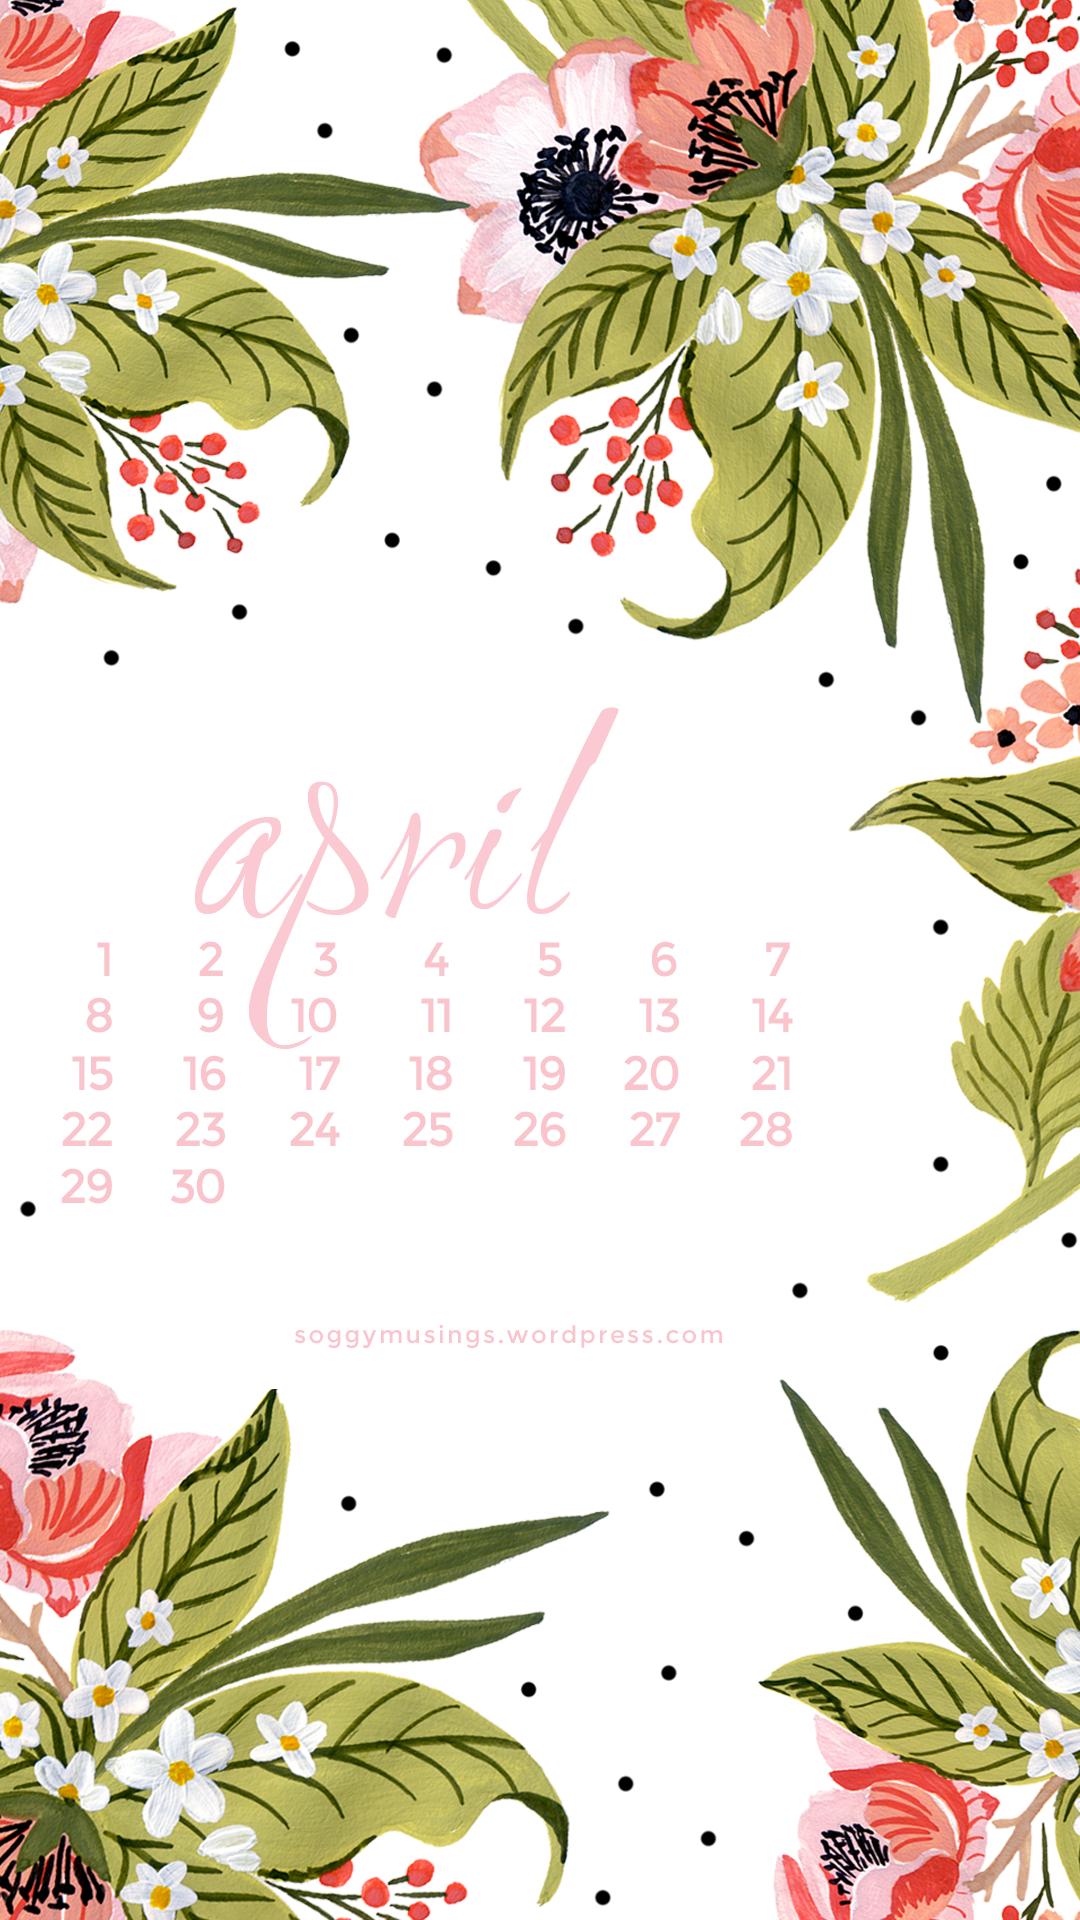 April 2017 Wallpaper Calendars